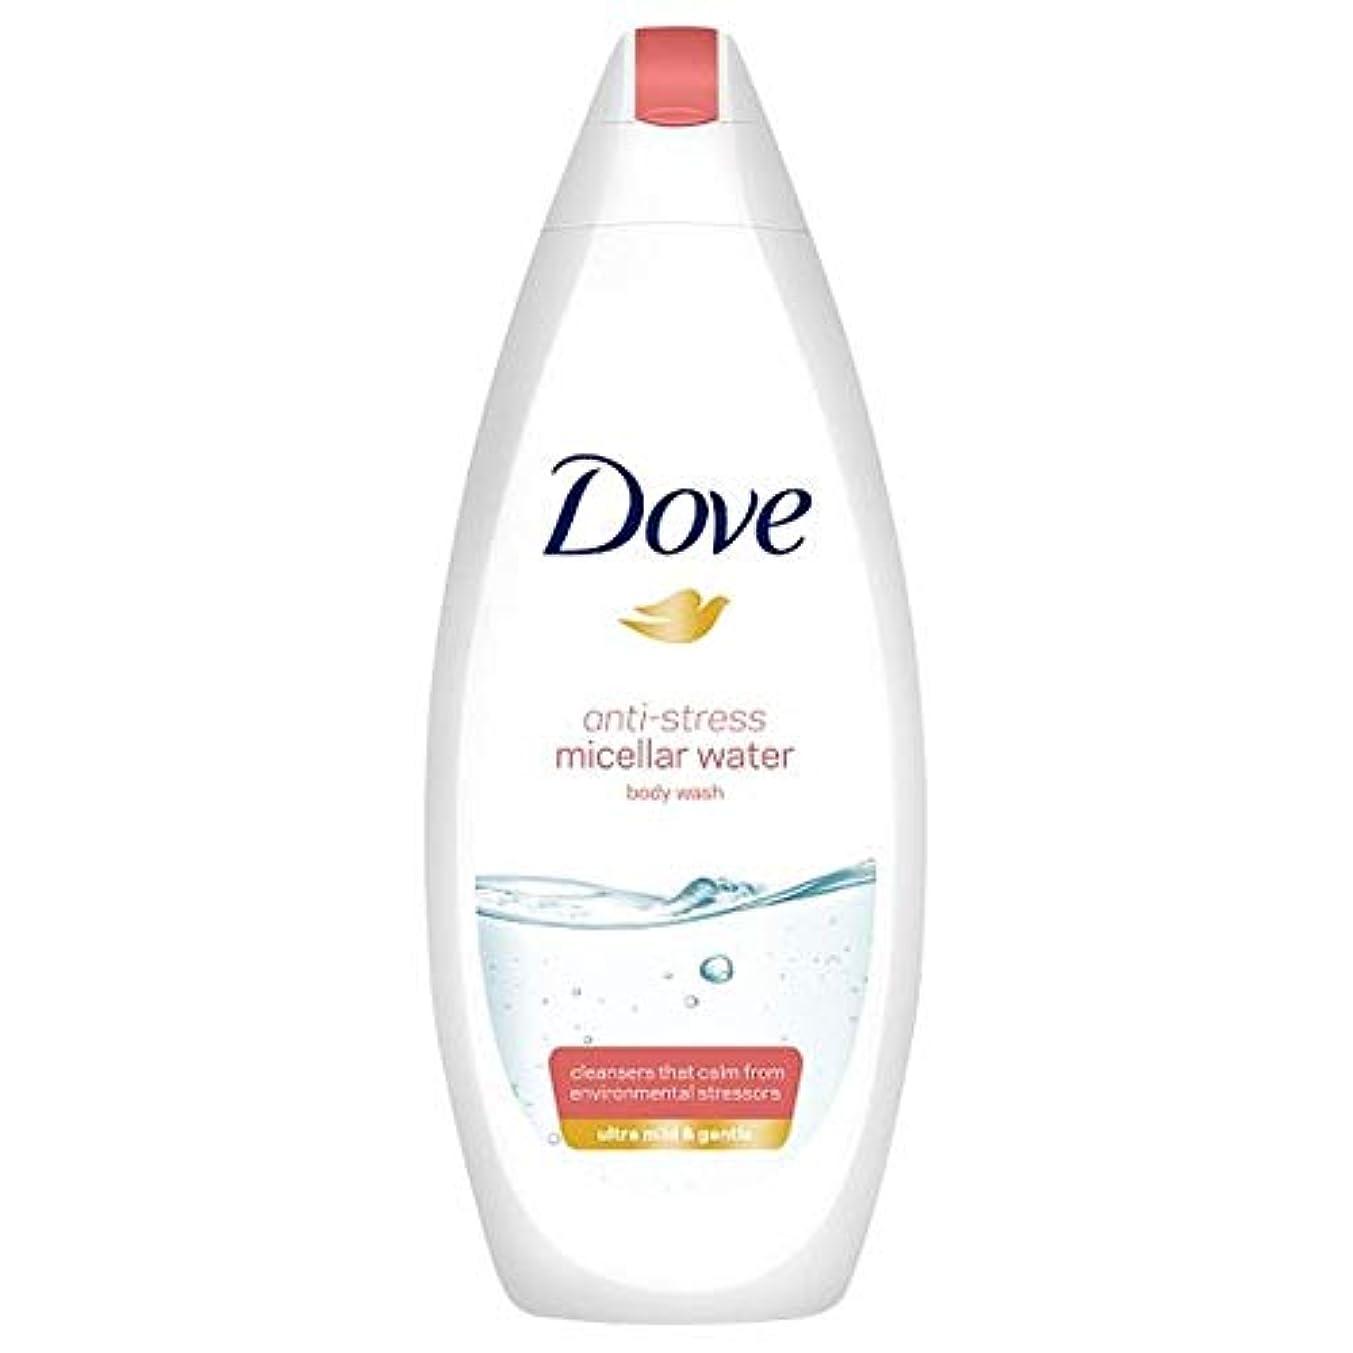 木材遅れからかう[Dove] 鳩ミセルボディウォッシュ抗ストレス500ミリリットル - Dove Micellar Body Wash Anti Stress 500Ml [並行輸入品]